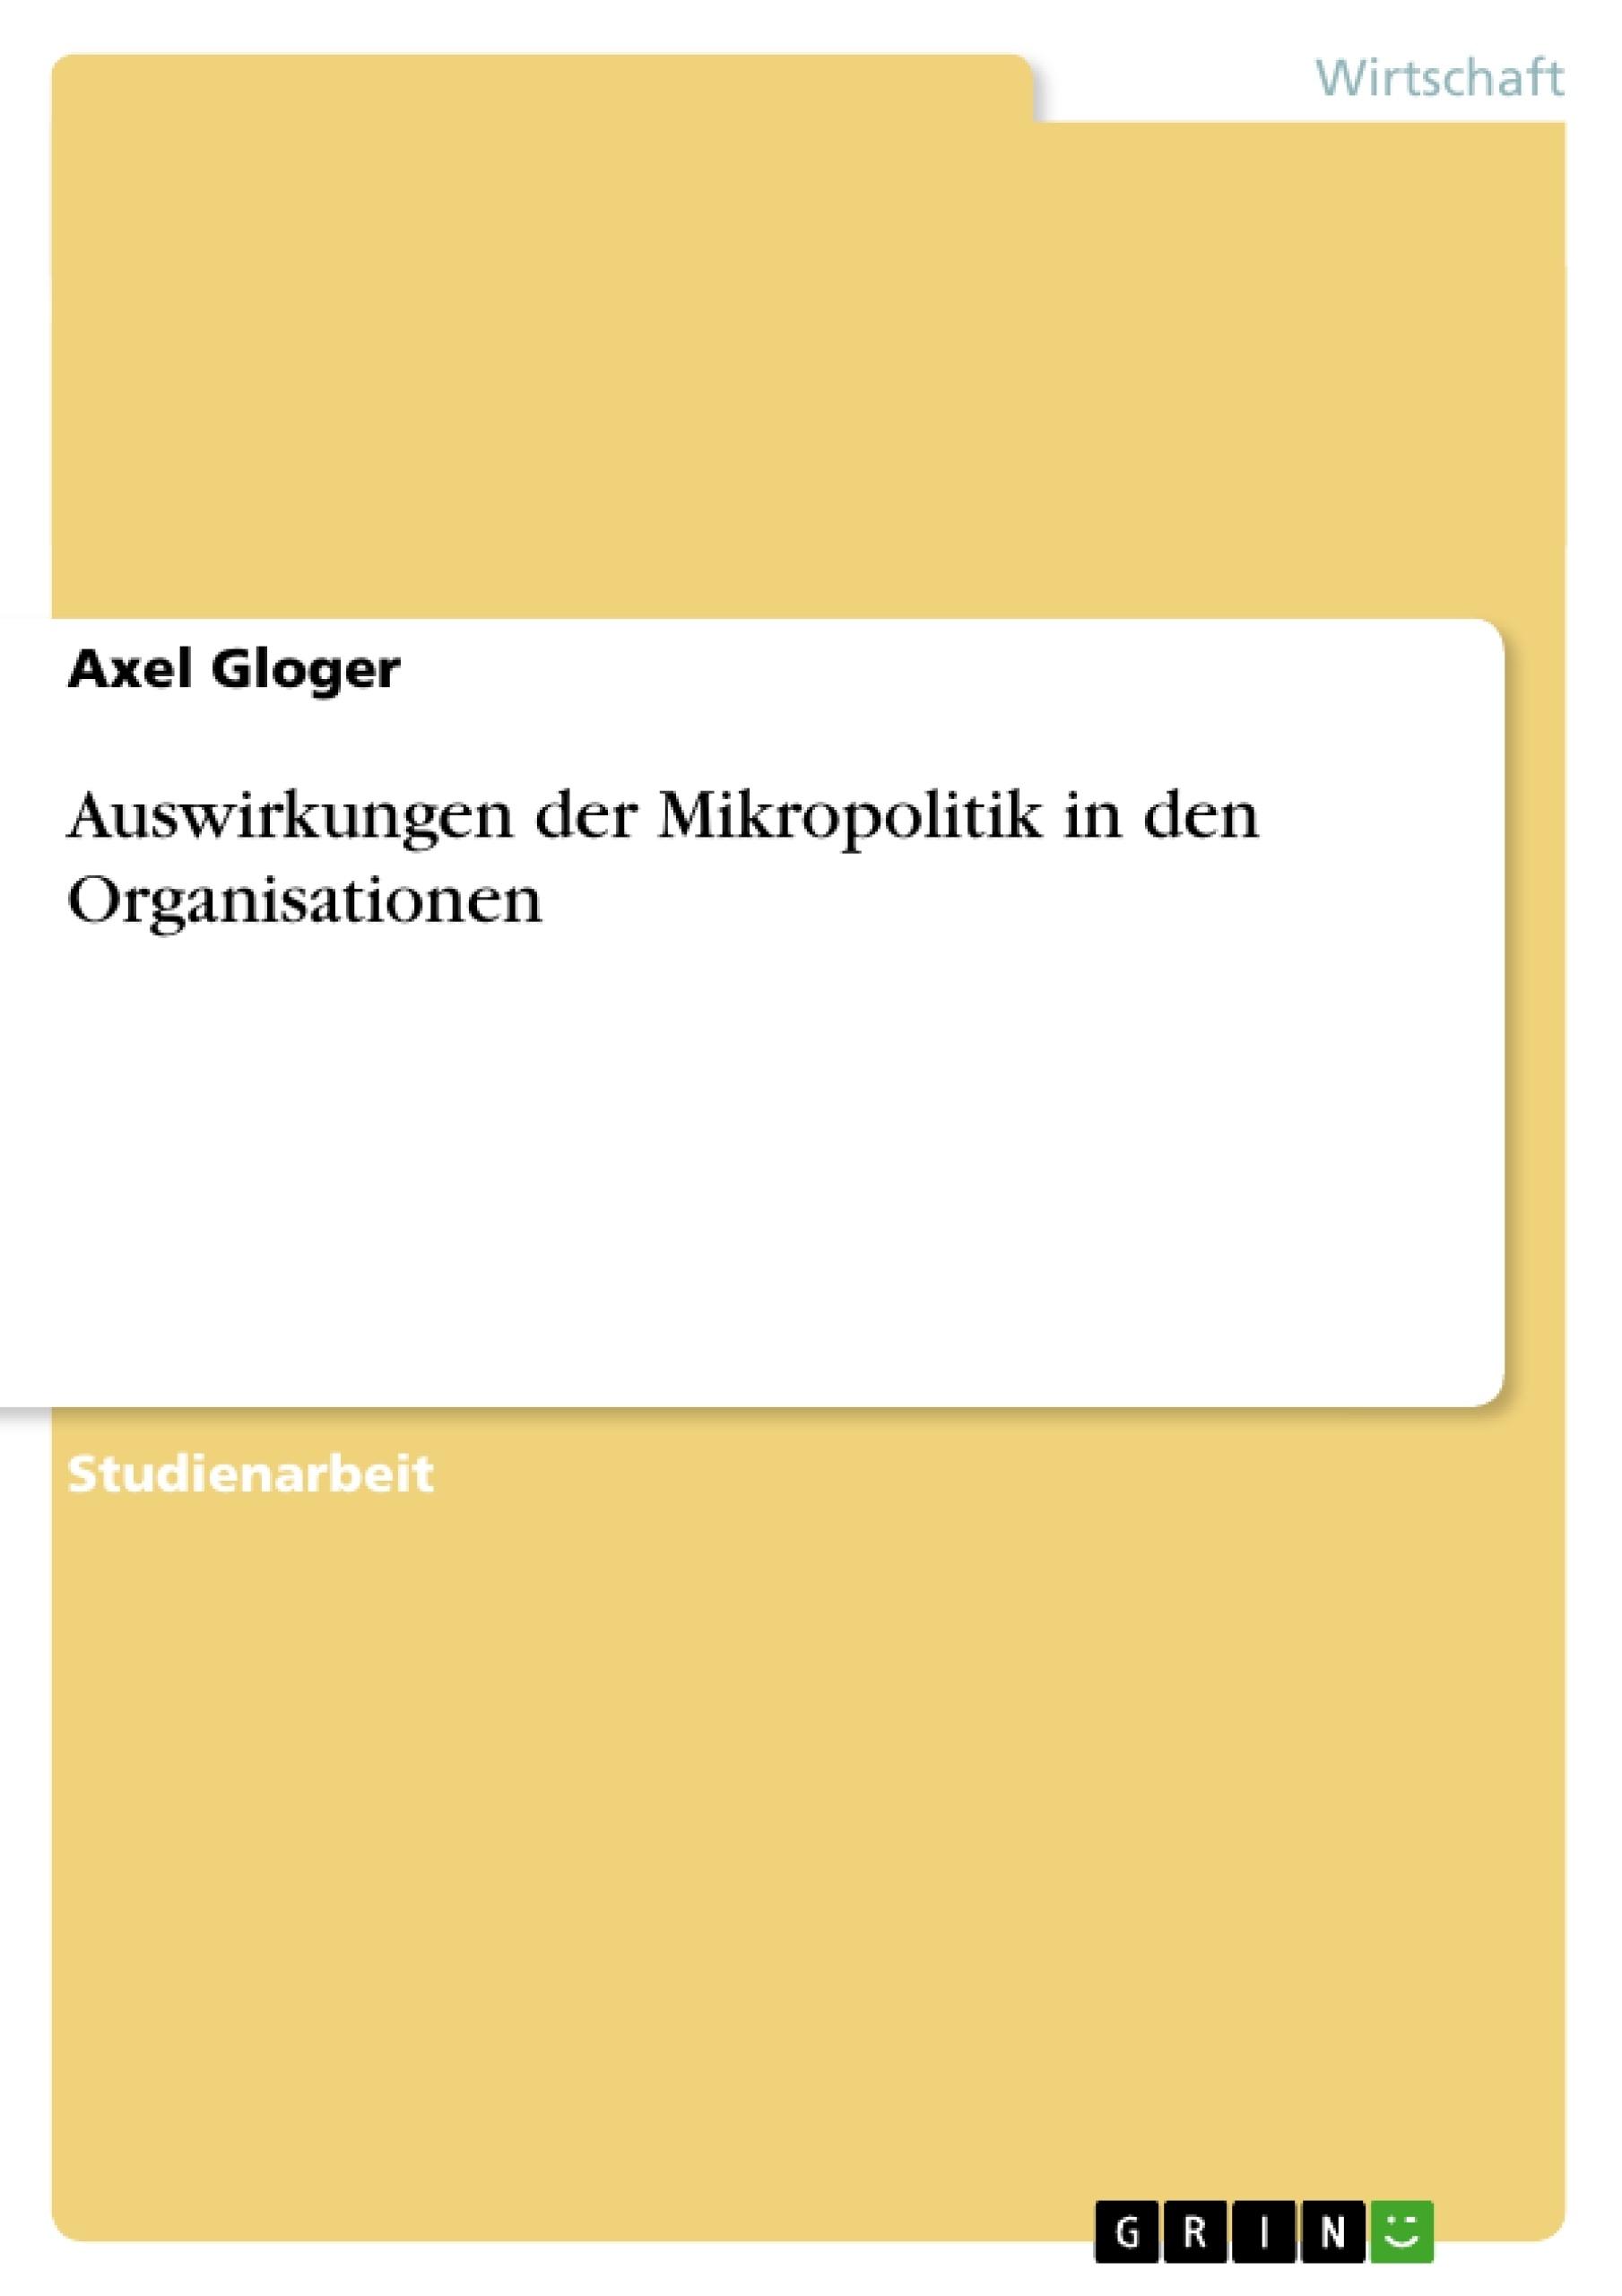 Titel: Auswirkungen der Mikropolitik in den Organisationen